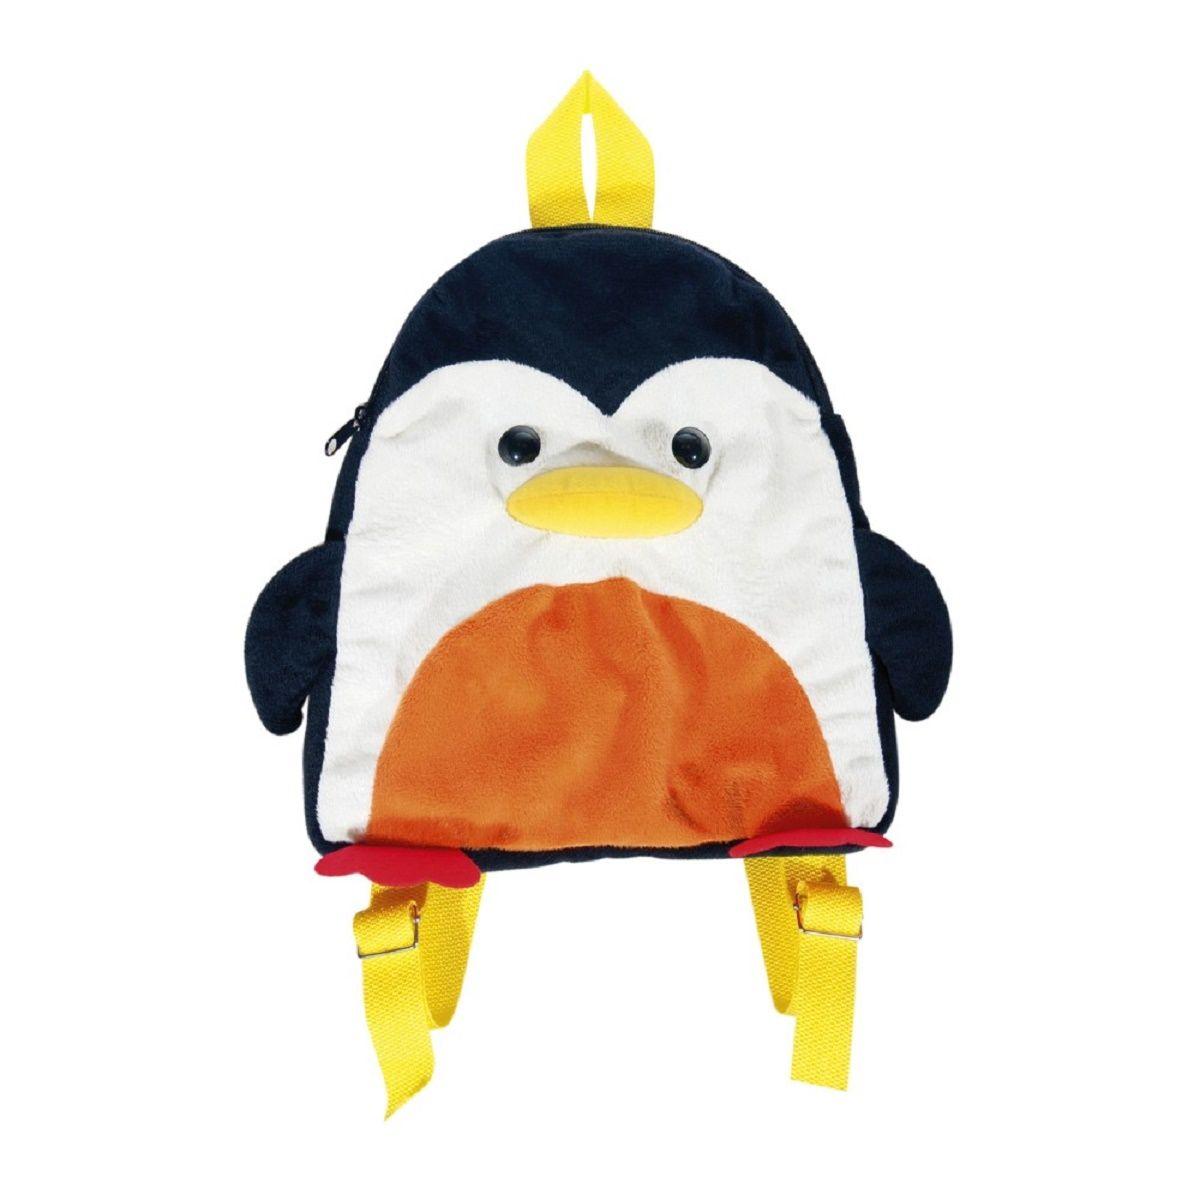 Fancy Мягкая игрушка-рюкзак ПингвинCRCB-RT2-880Детская сумка-рюкзак